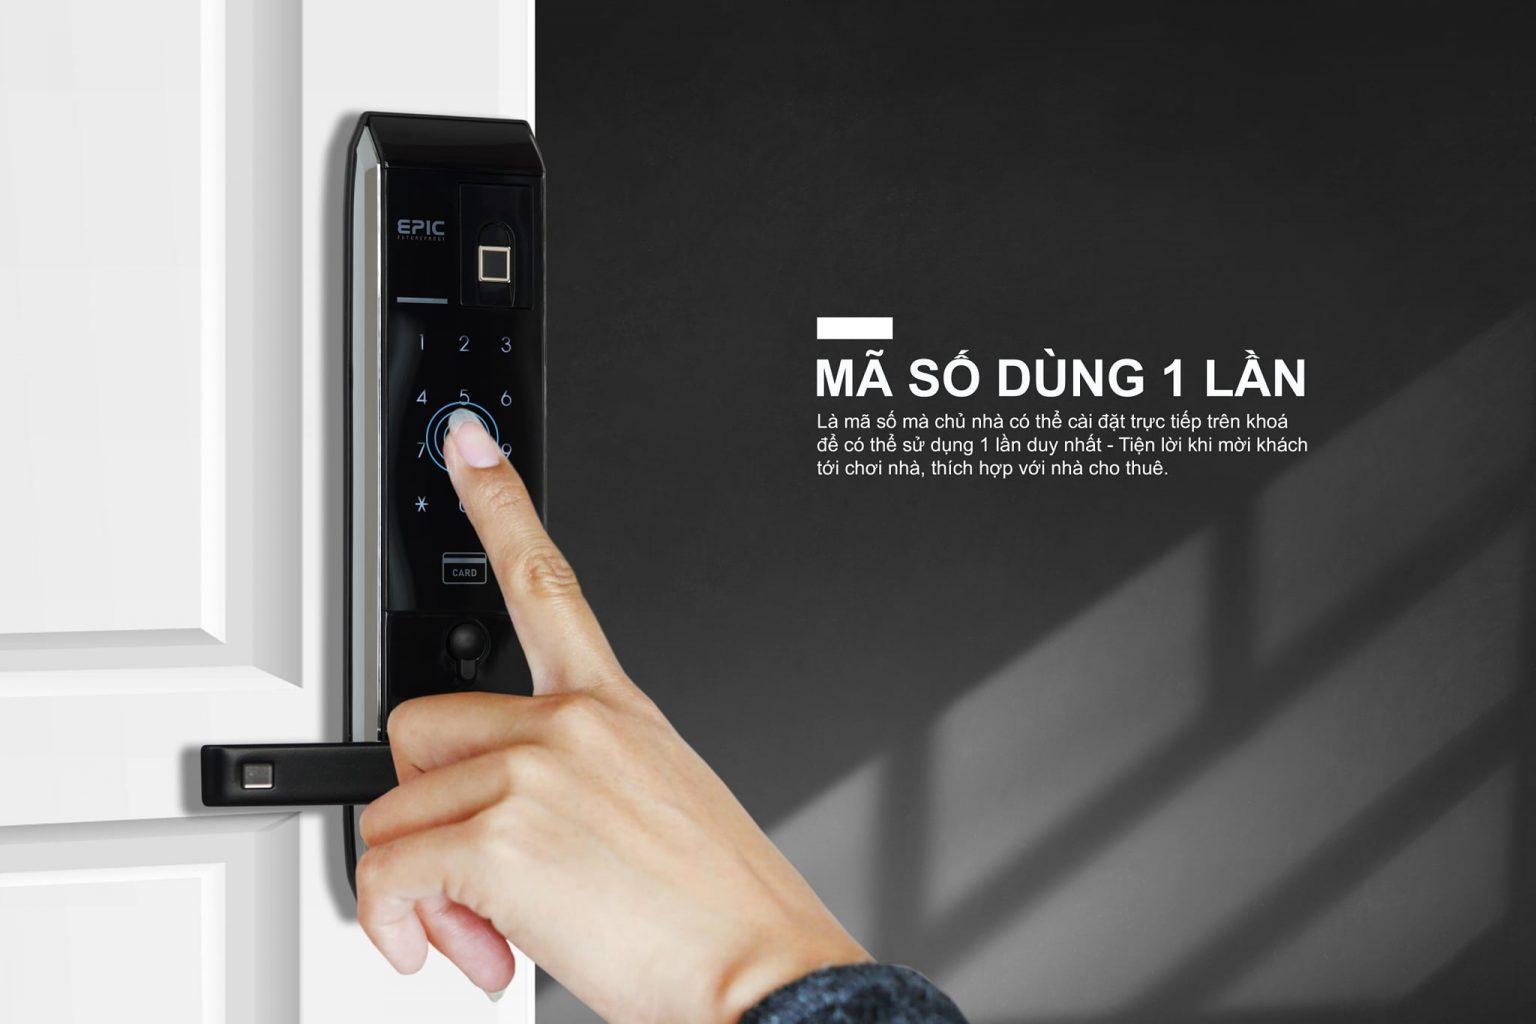 khóa vân tay điện tử Epic 8000L mã số dùng 1 lần